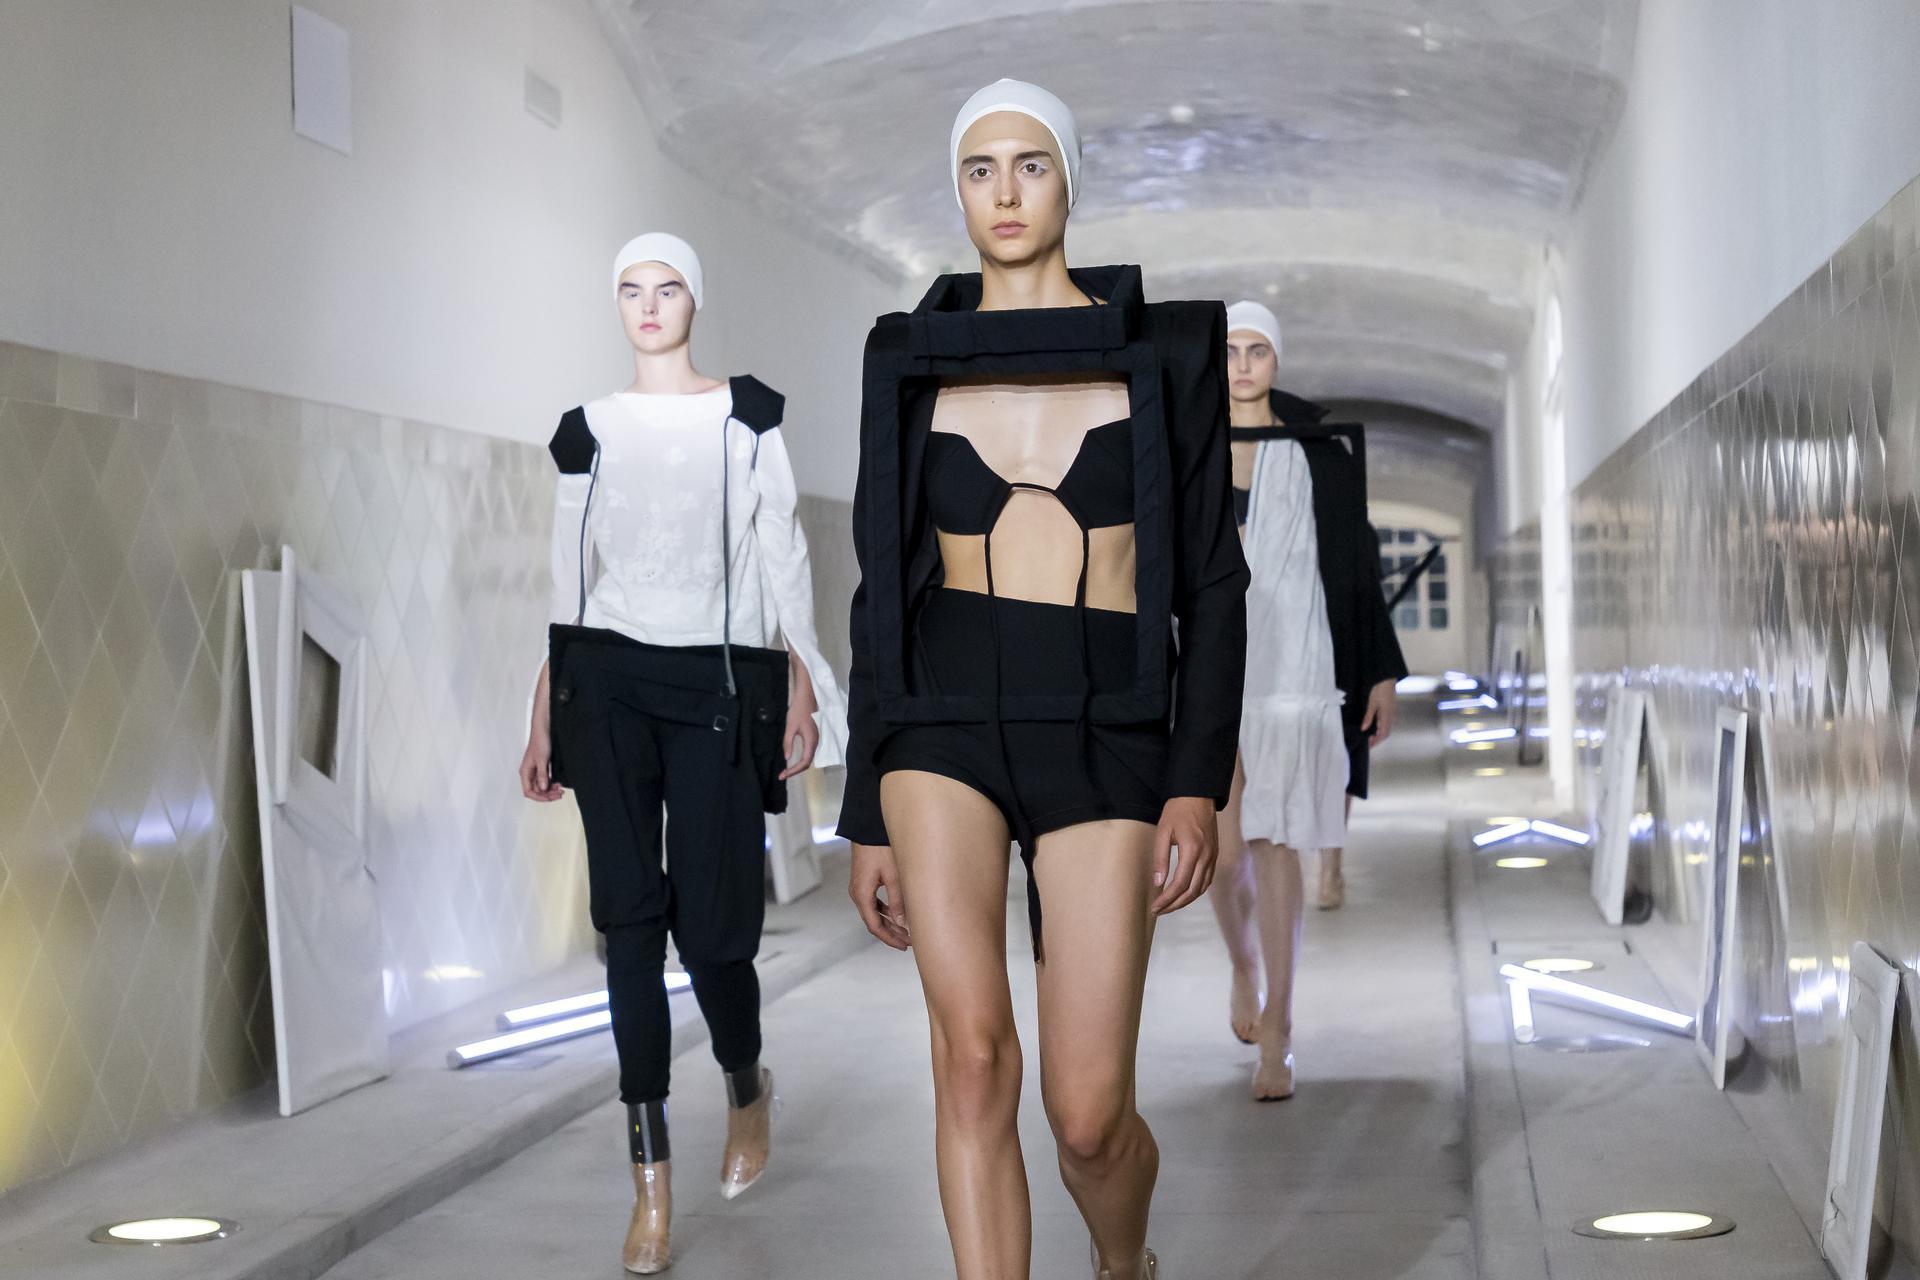 Txell%20Miras%20ambient 1211 - Segunda sesión de la pasarela digital 080 Barcelona Fashion